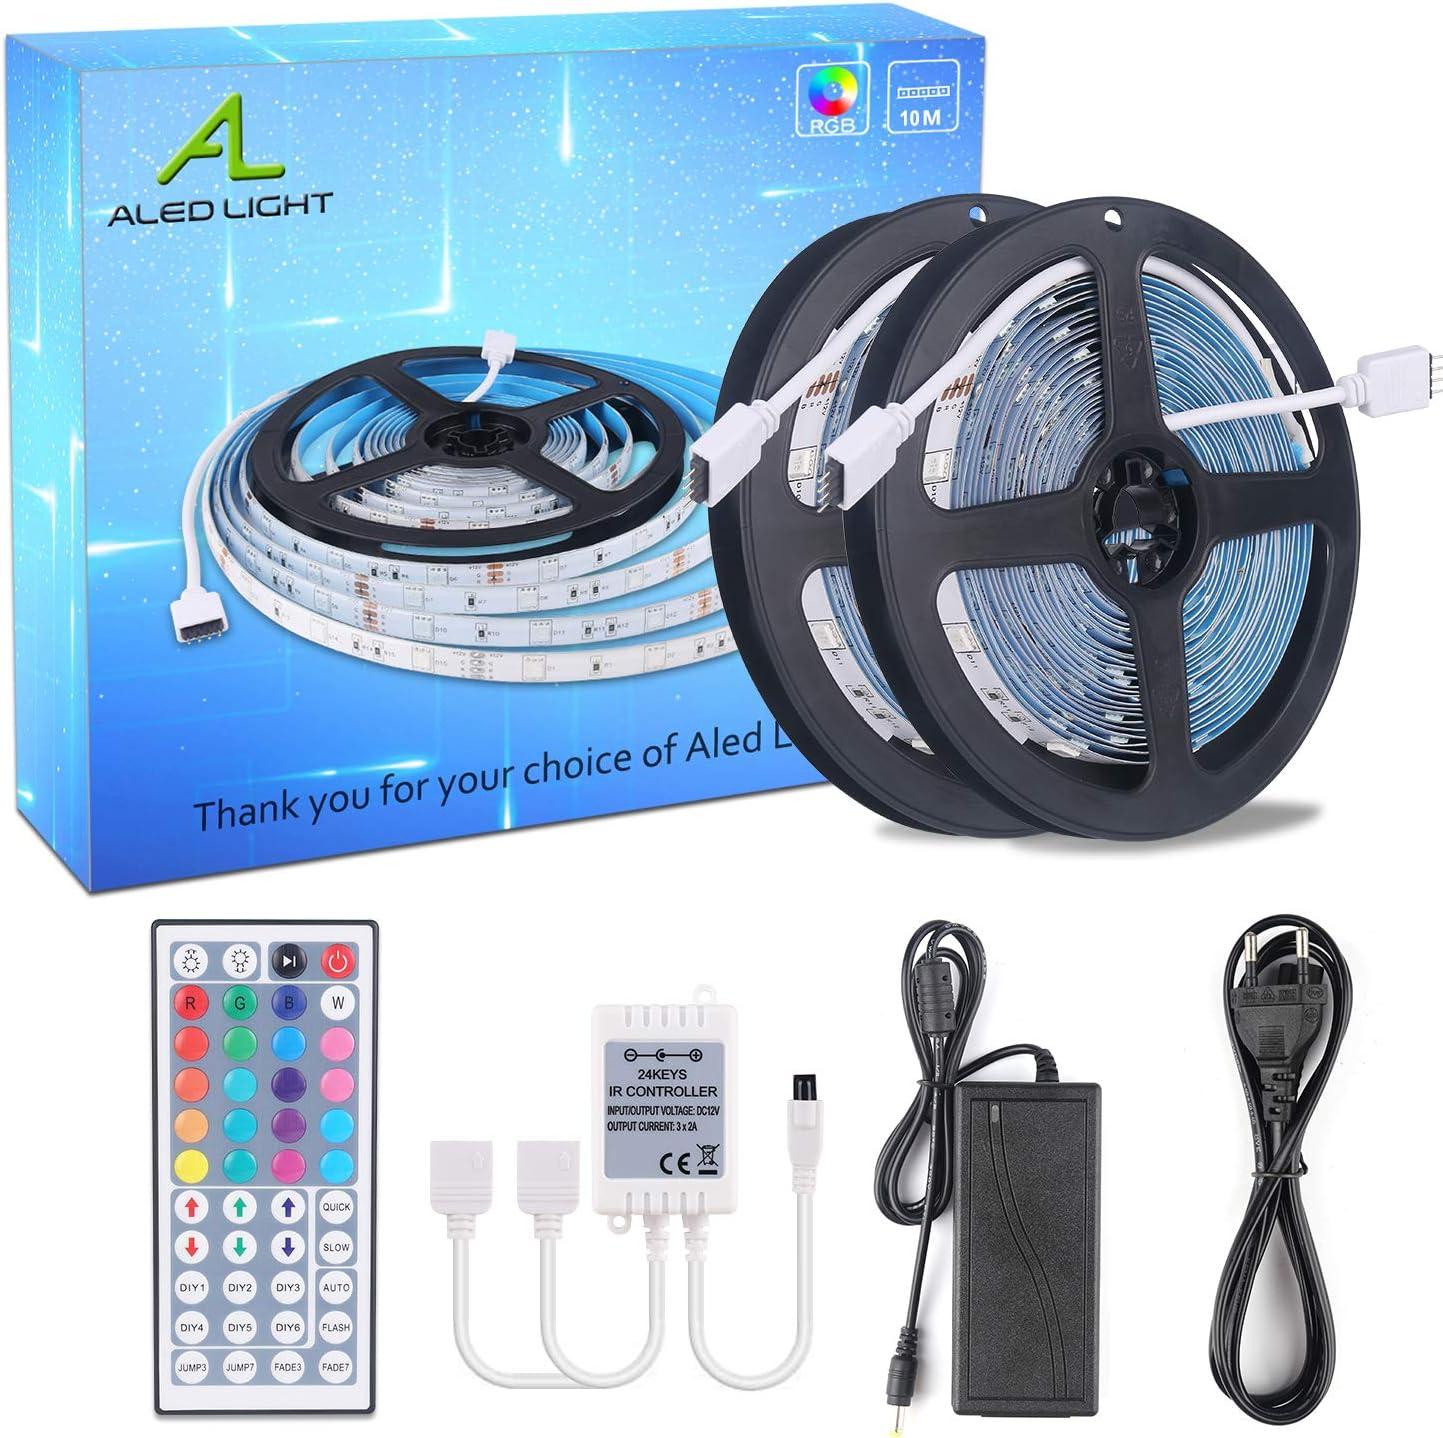 Tira de Luces LED 10m(2x 5m), ALED LIGHT 5050 SMD 300 LED RGB Tira LED con Mando a Distancia de 44 Teclas, Fuente de Alimentación de 12V Luce de LED para Hogar, Habitación, Fiesta, Boda, Decoración